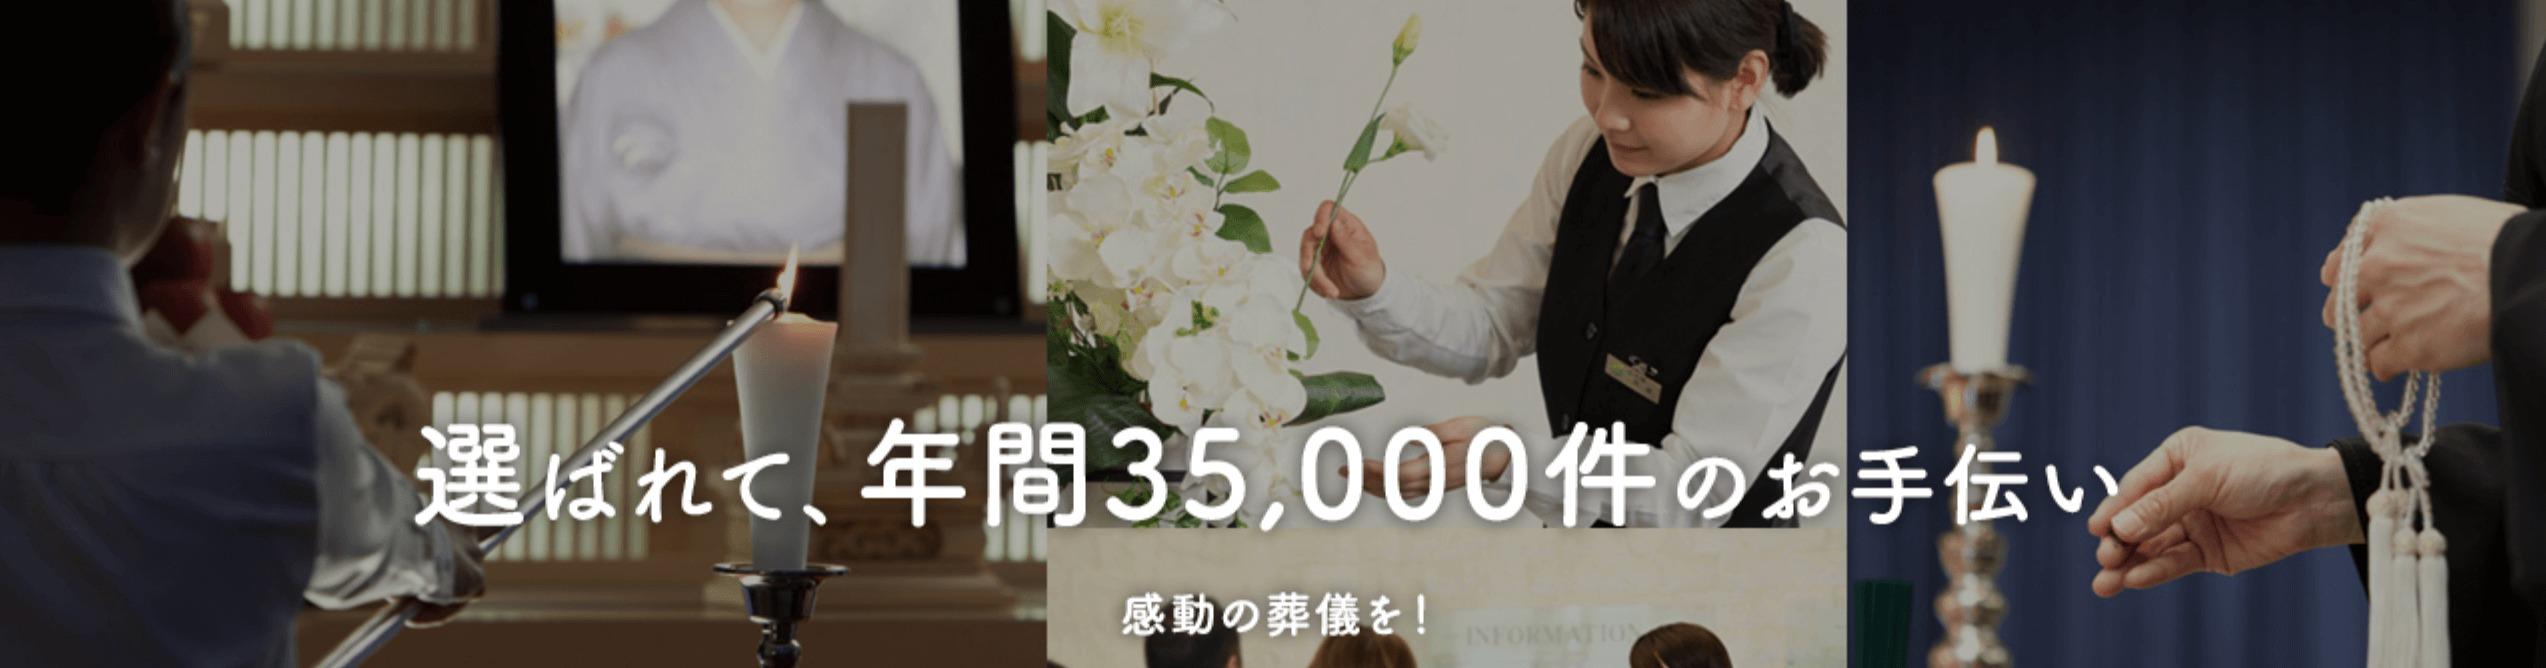 葬儀実績年間35,000件の大手葬儀社